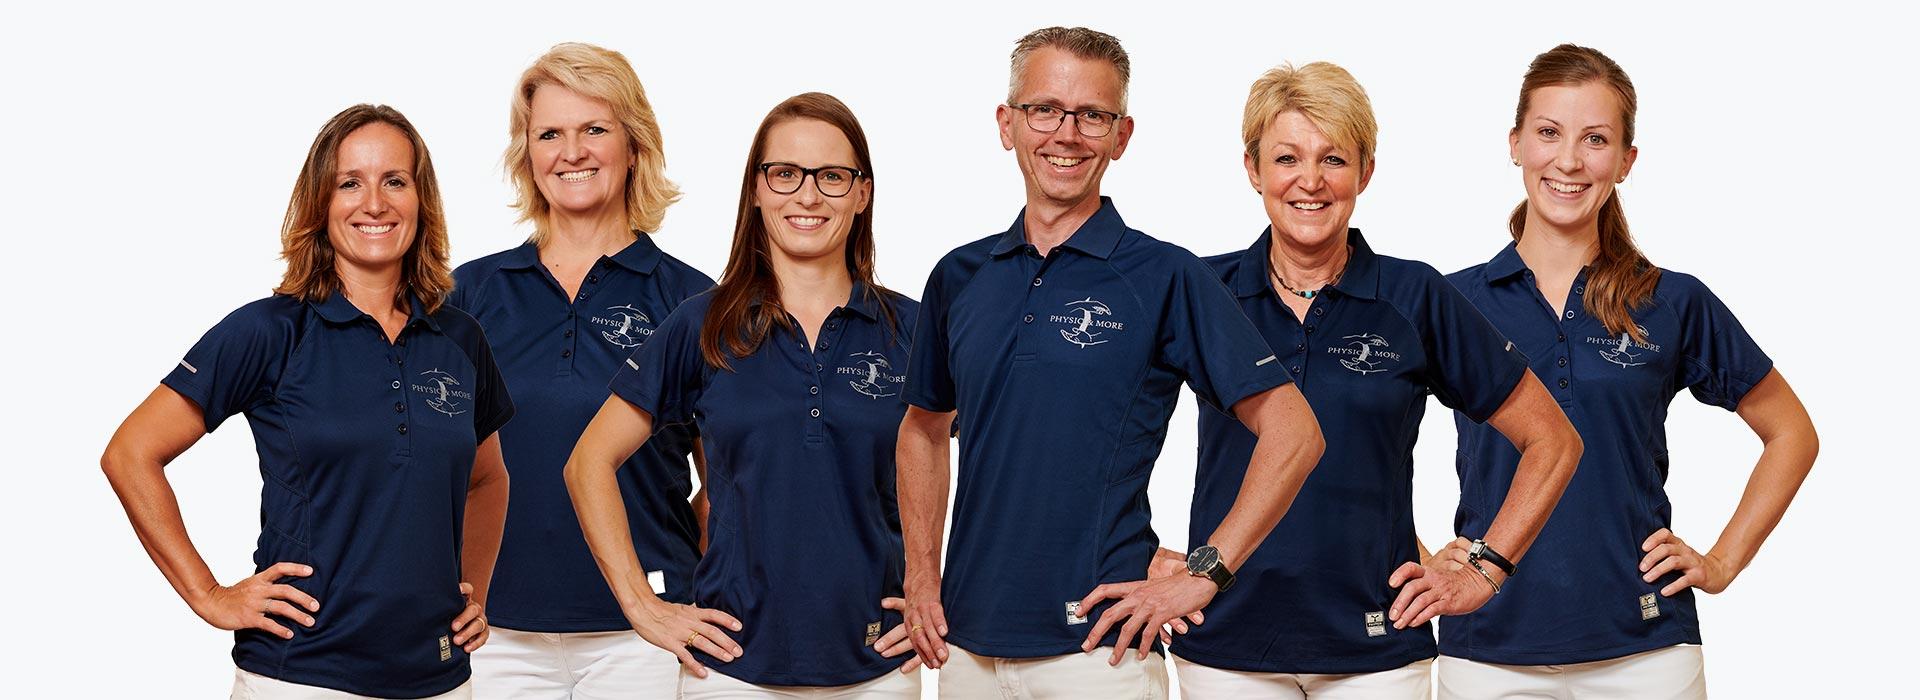 Das Team der Physiotherapie-Praxis in Straubing